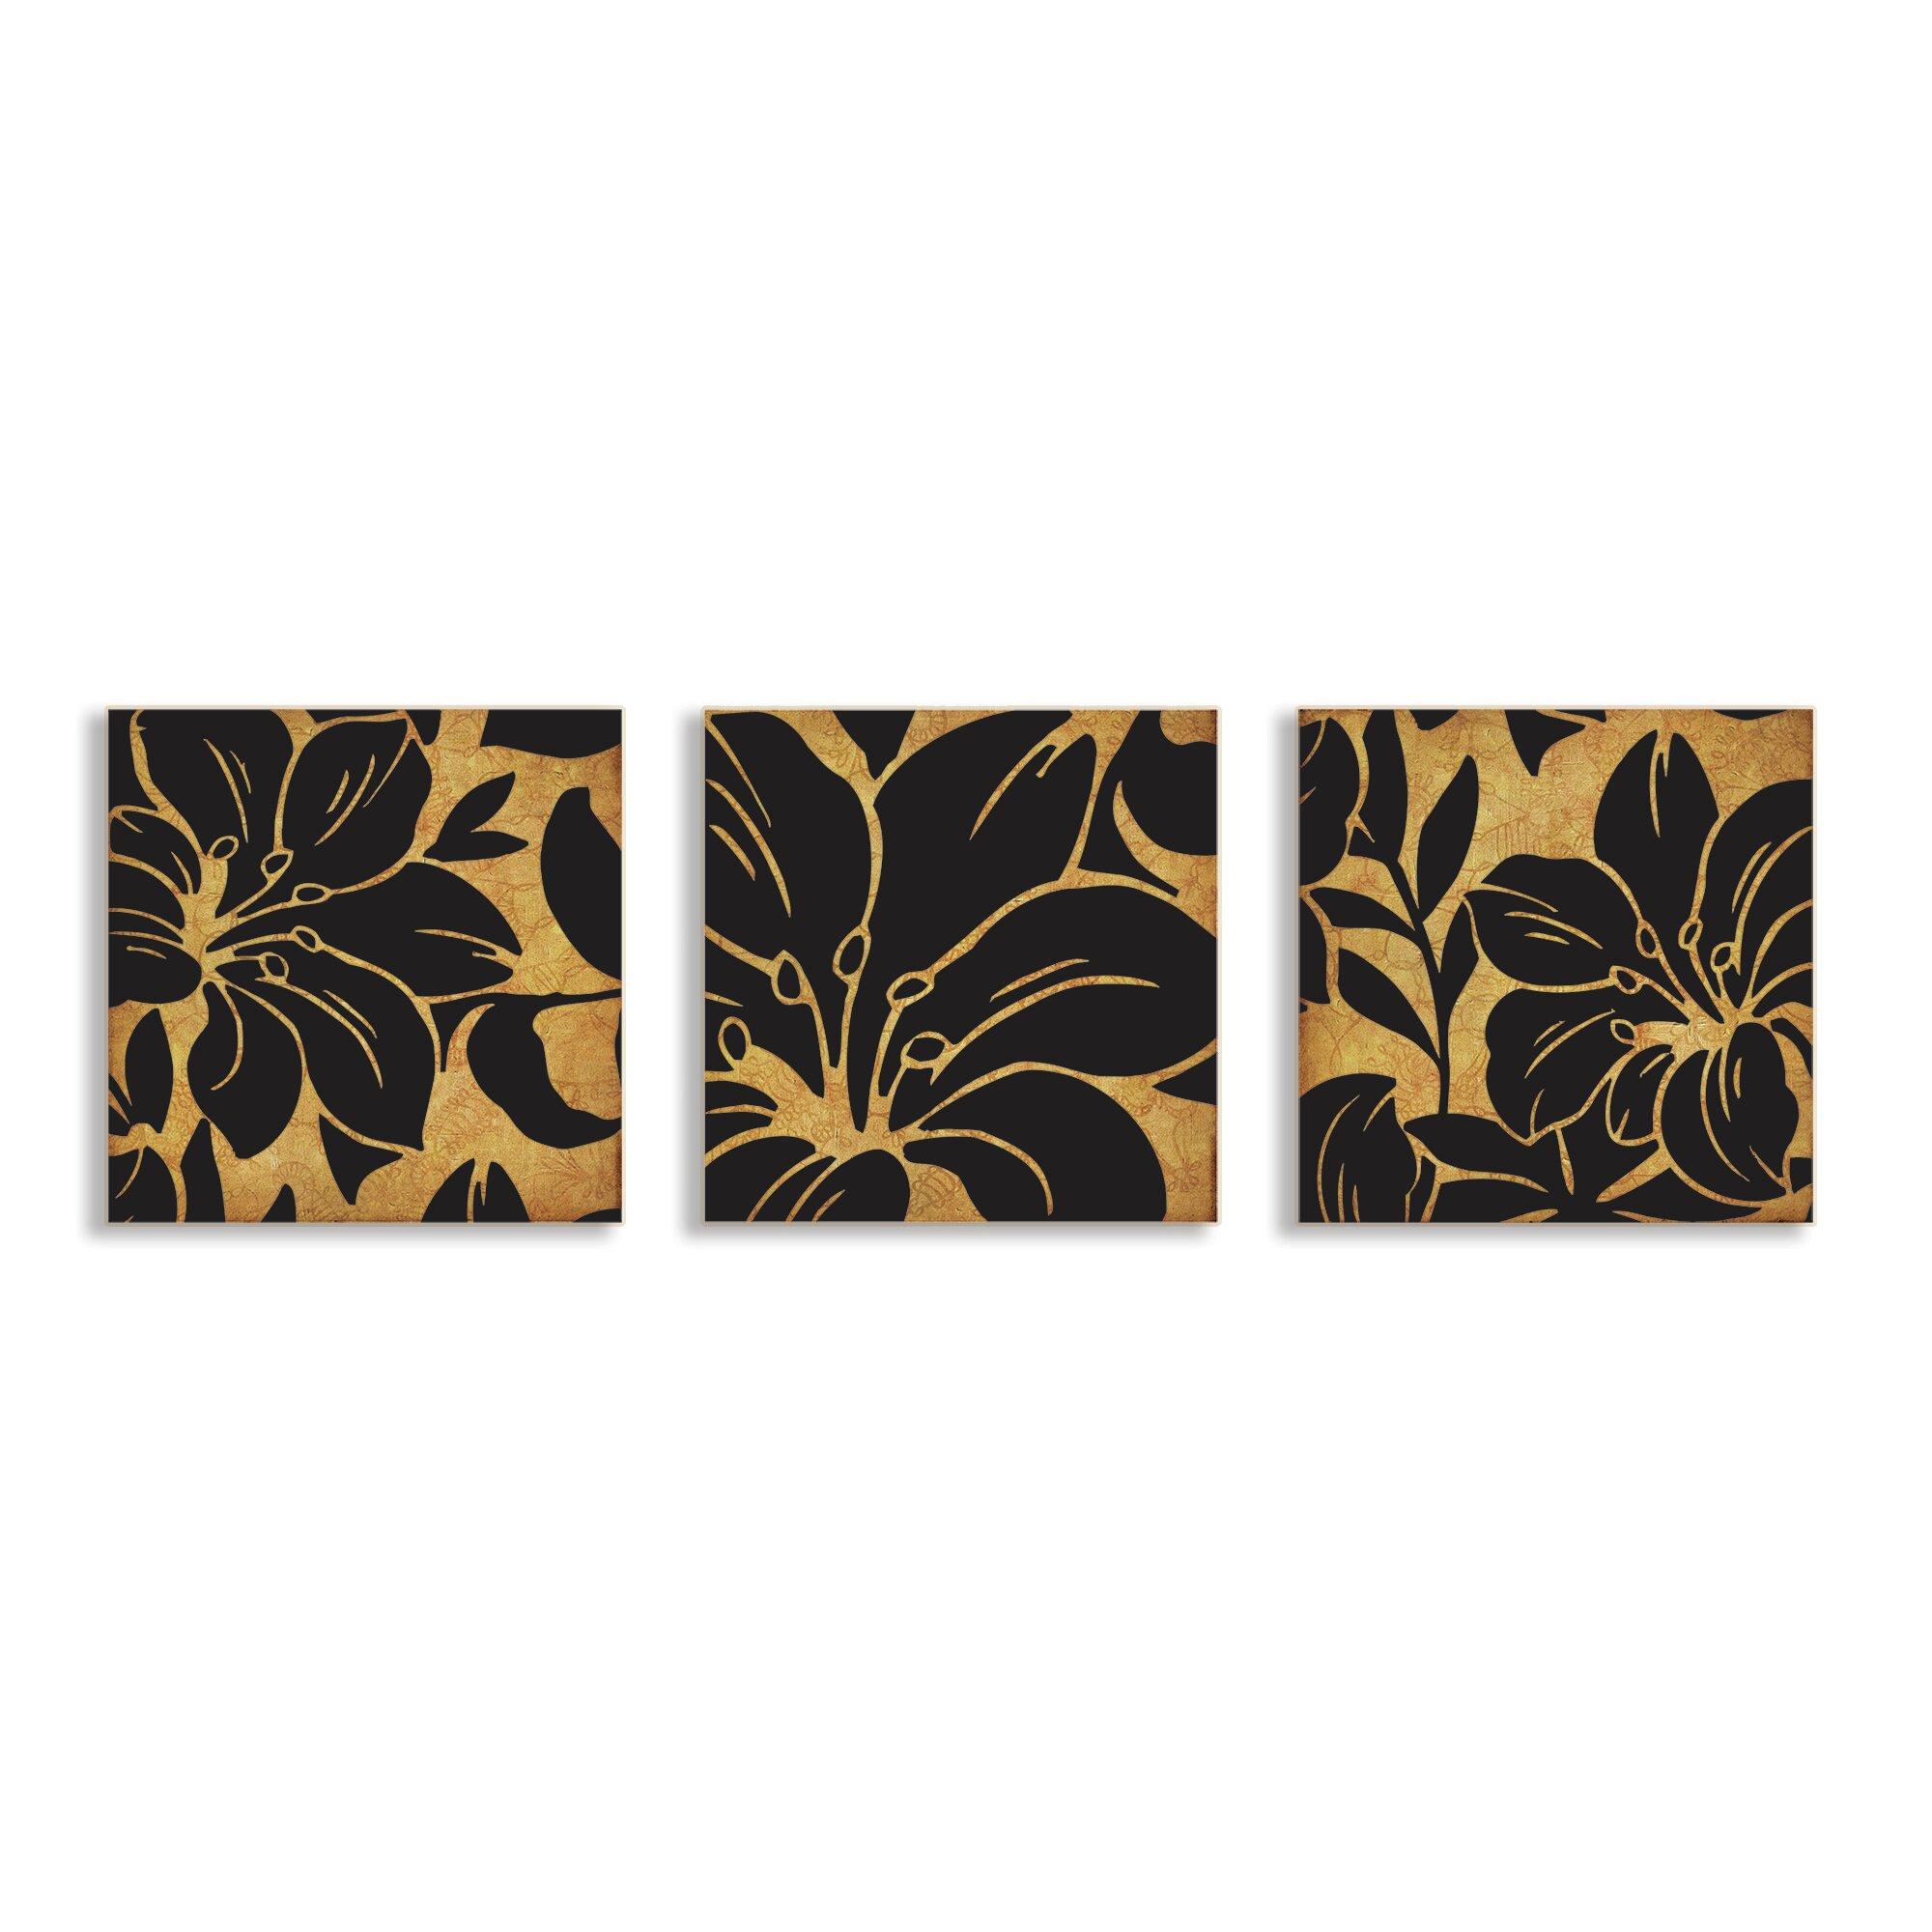 3 Piece Canvas Wall Art Sets 3 piece canvas wall art | roselawnlutheran